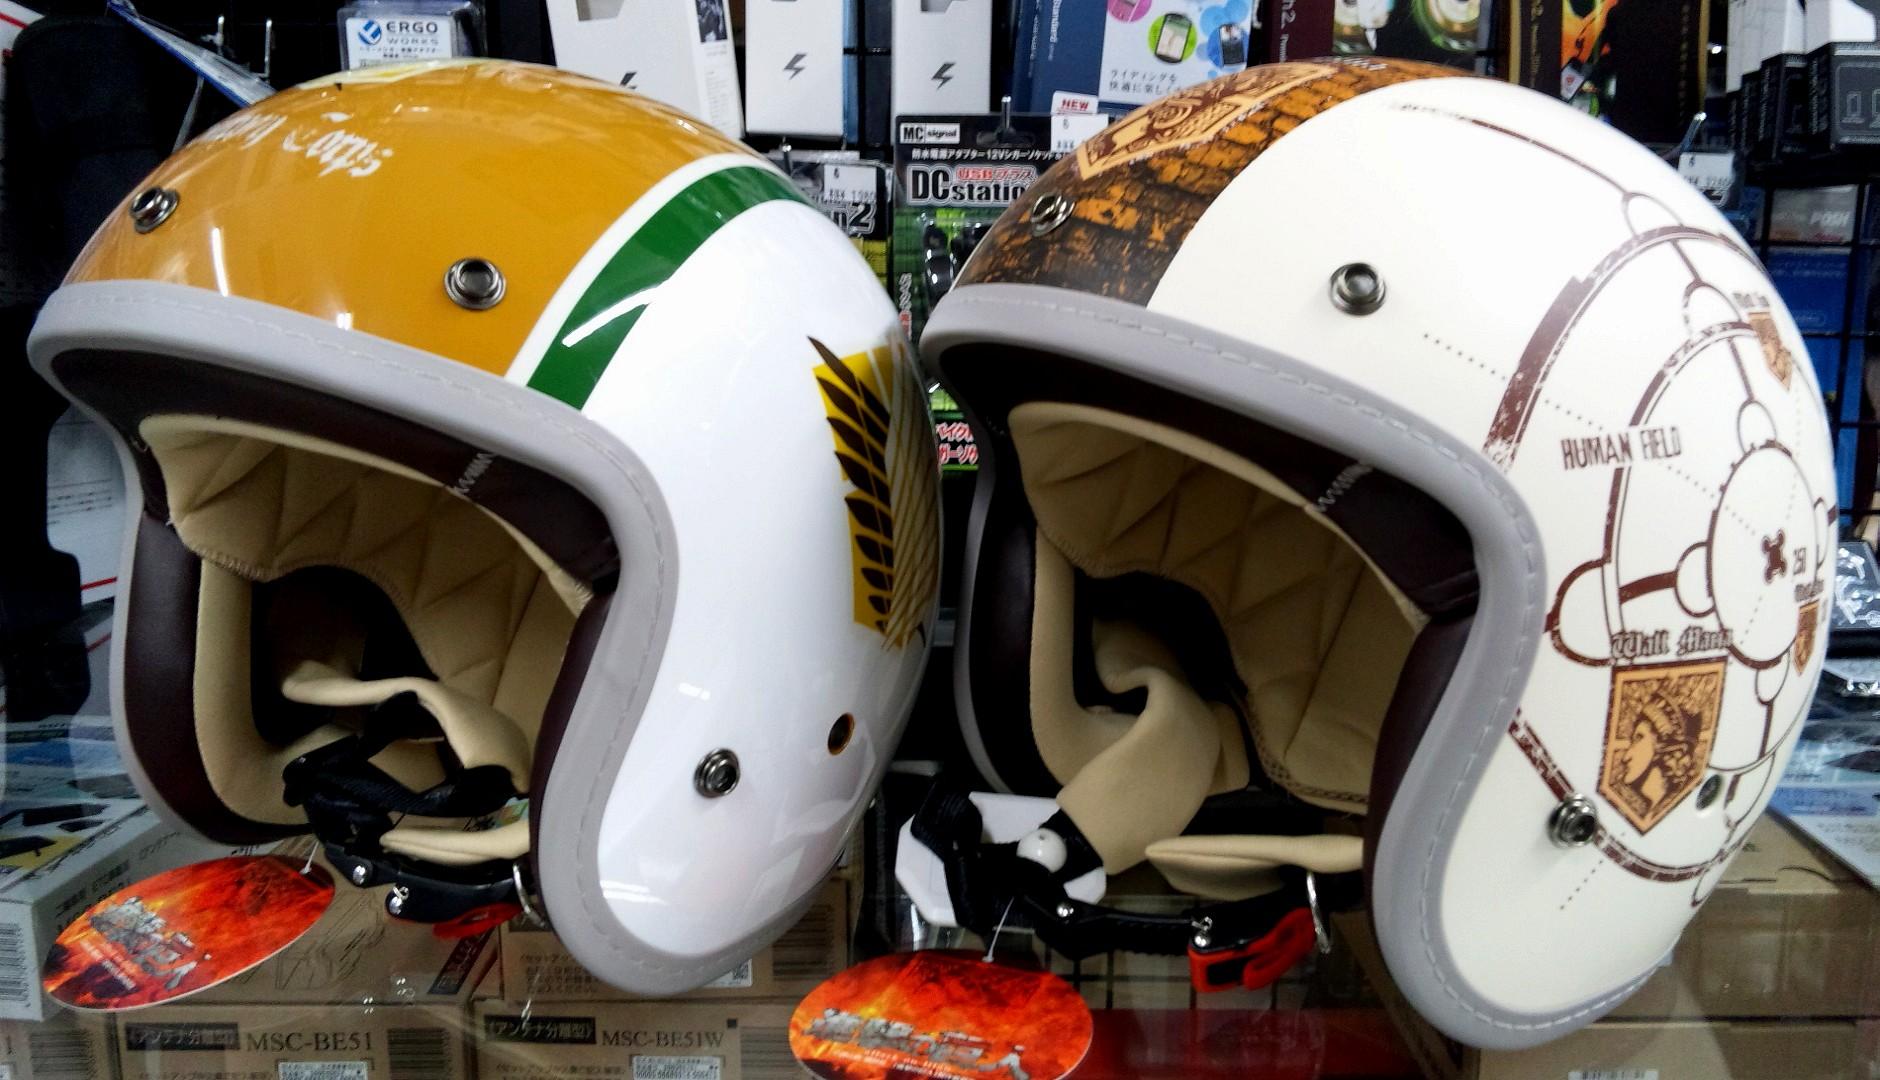 進撃の巨人ヘルメット入荷!_b0163075_9364174.jpg